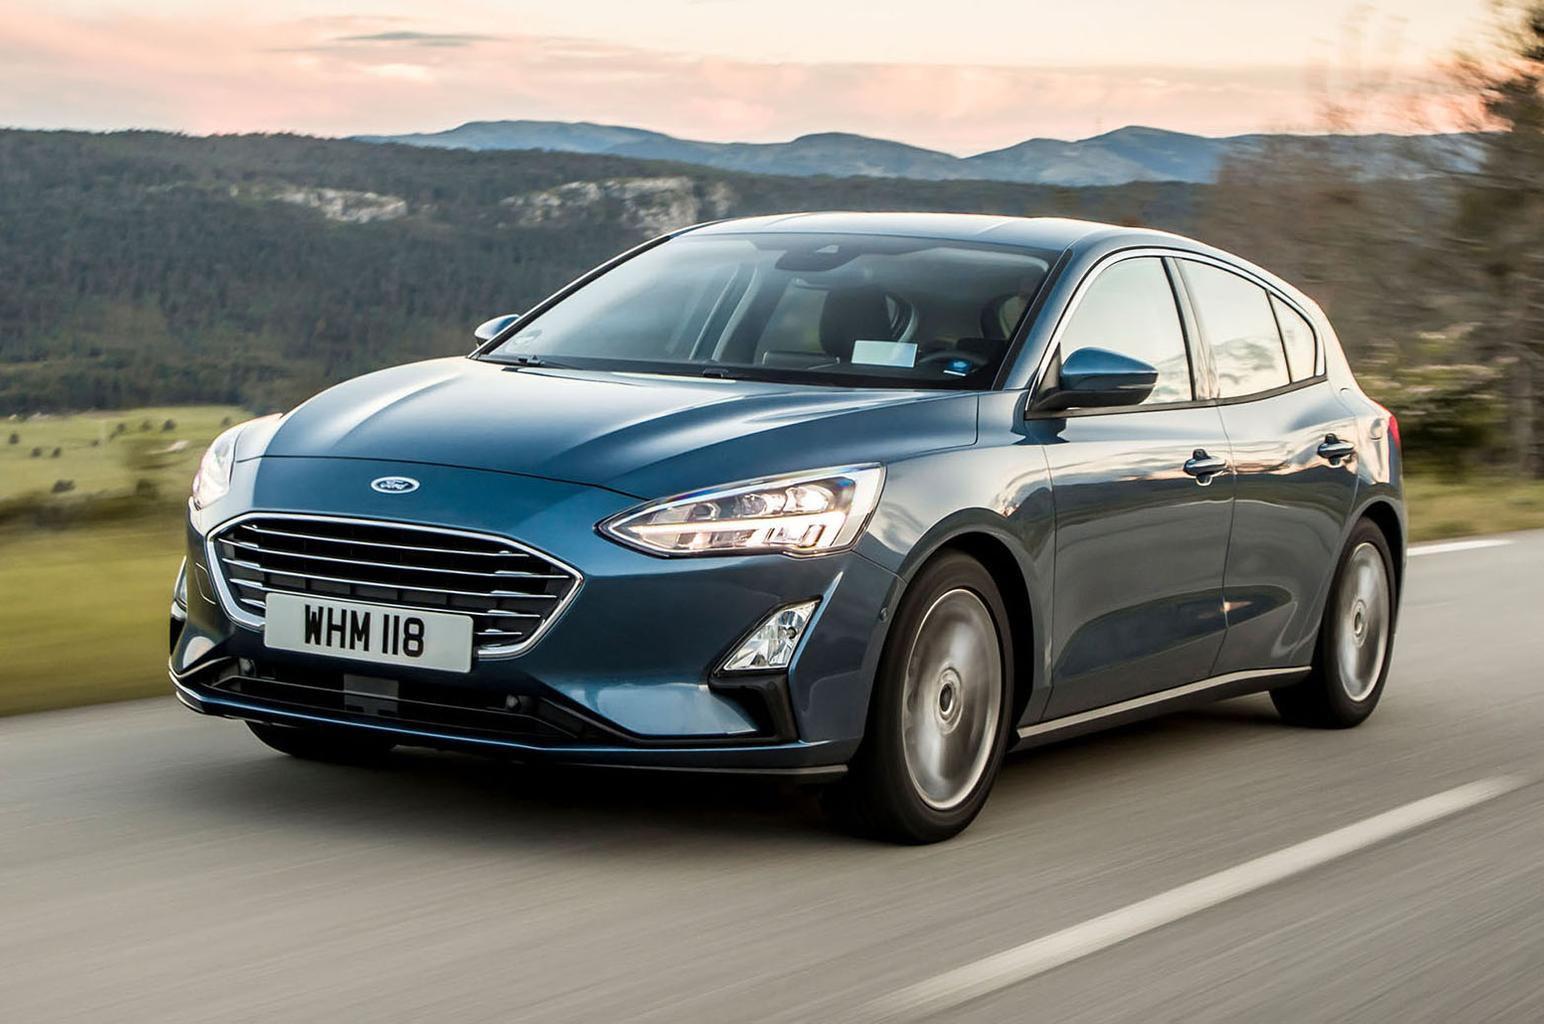 2018 Ford Focus verdict